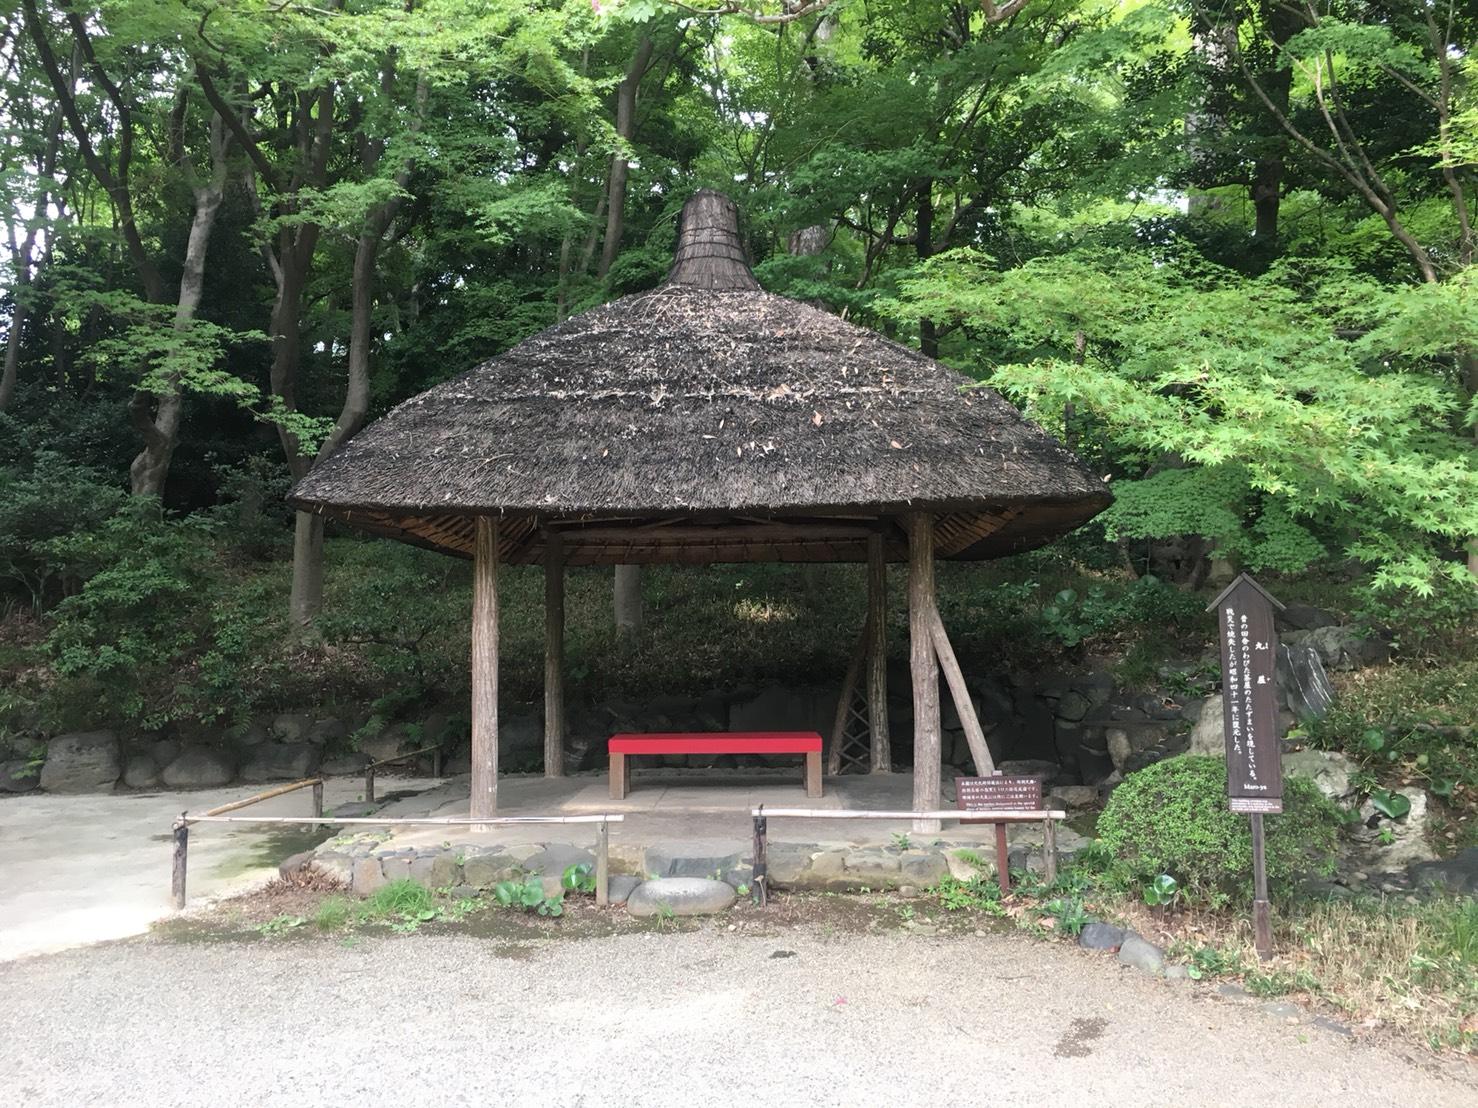 【飯田橋駅】江戸時代の中国趣味豊かな景観で一句「小石川後楽園」の丸屋